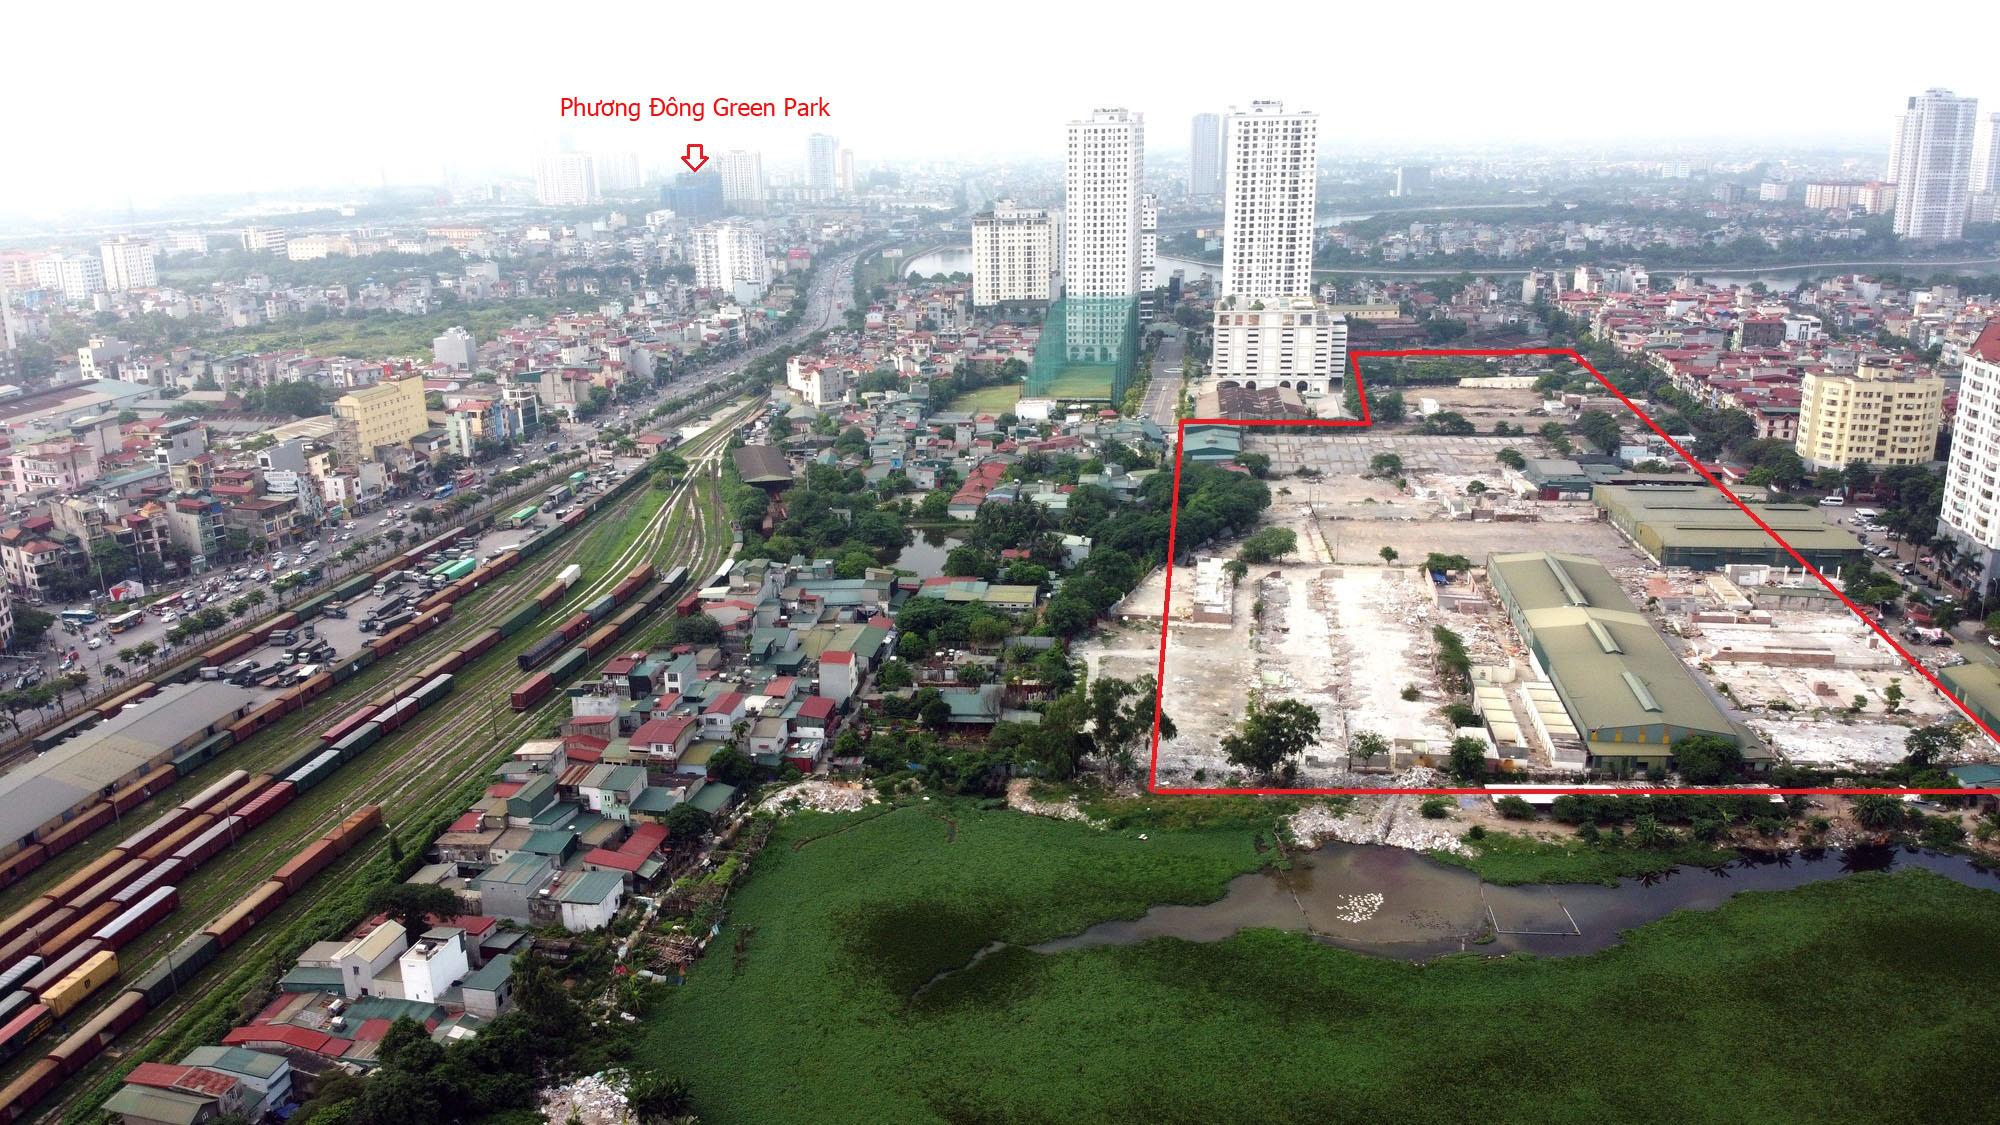 Dự án Phương Đông Green Park đang mở bán: Gần hai hồ điều hòa lớn, giá từ 26 triệu đồng/m2 - Ảnh 19.